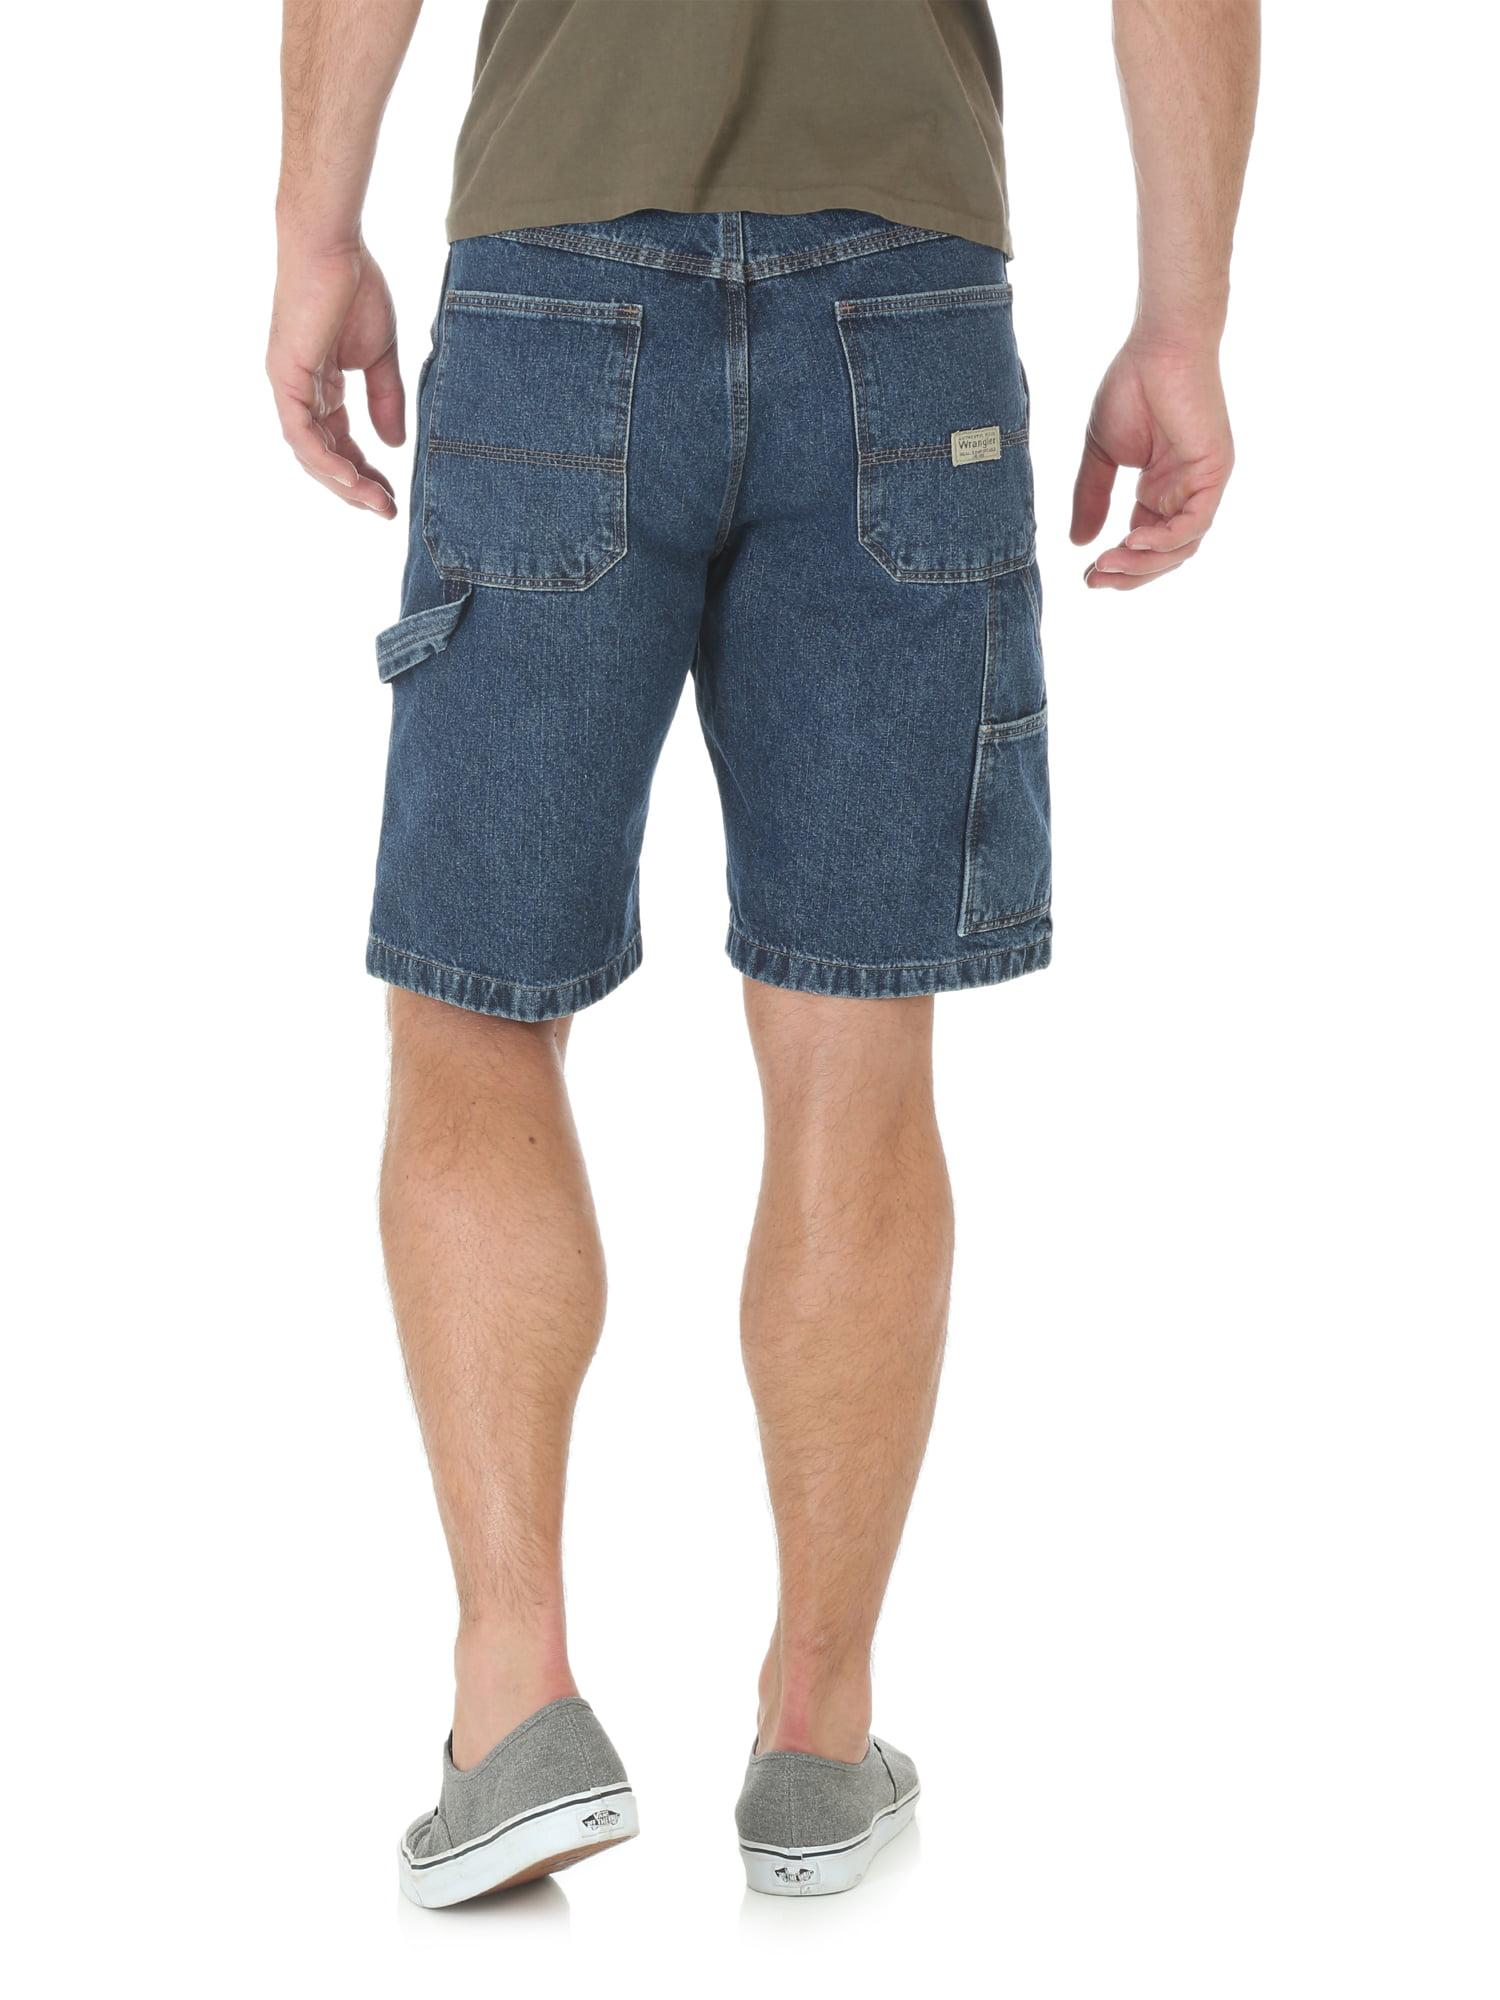 a187625404 Wrangler - wrangler men's carpenter short - Walmart.com